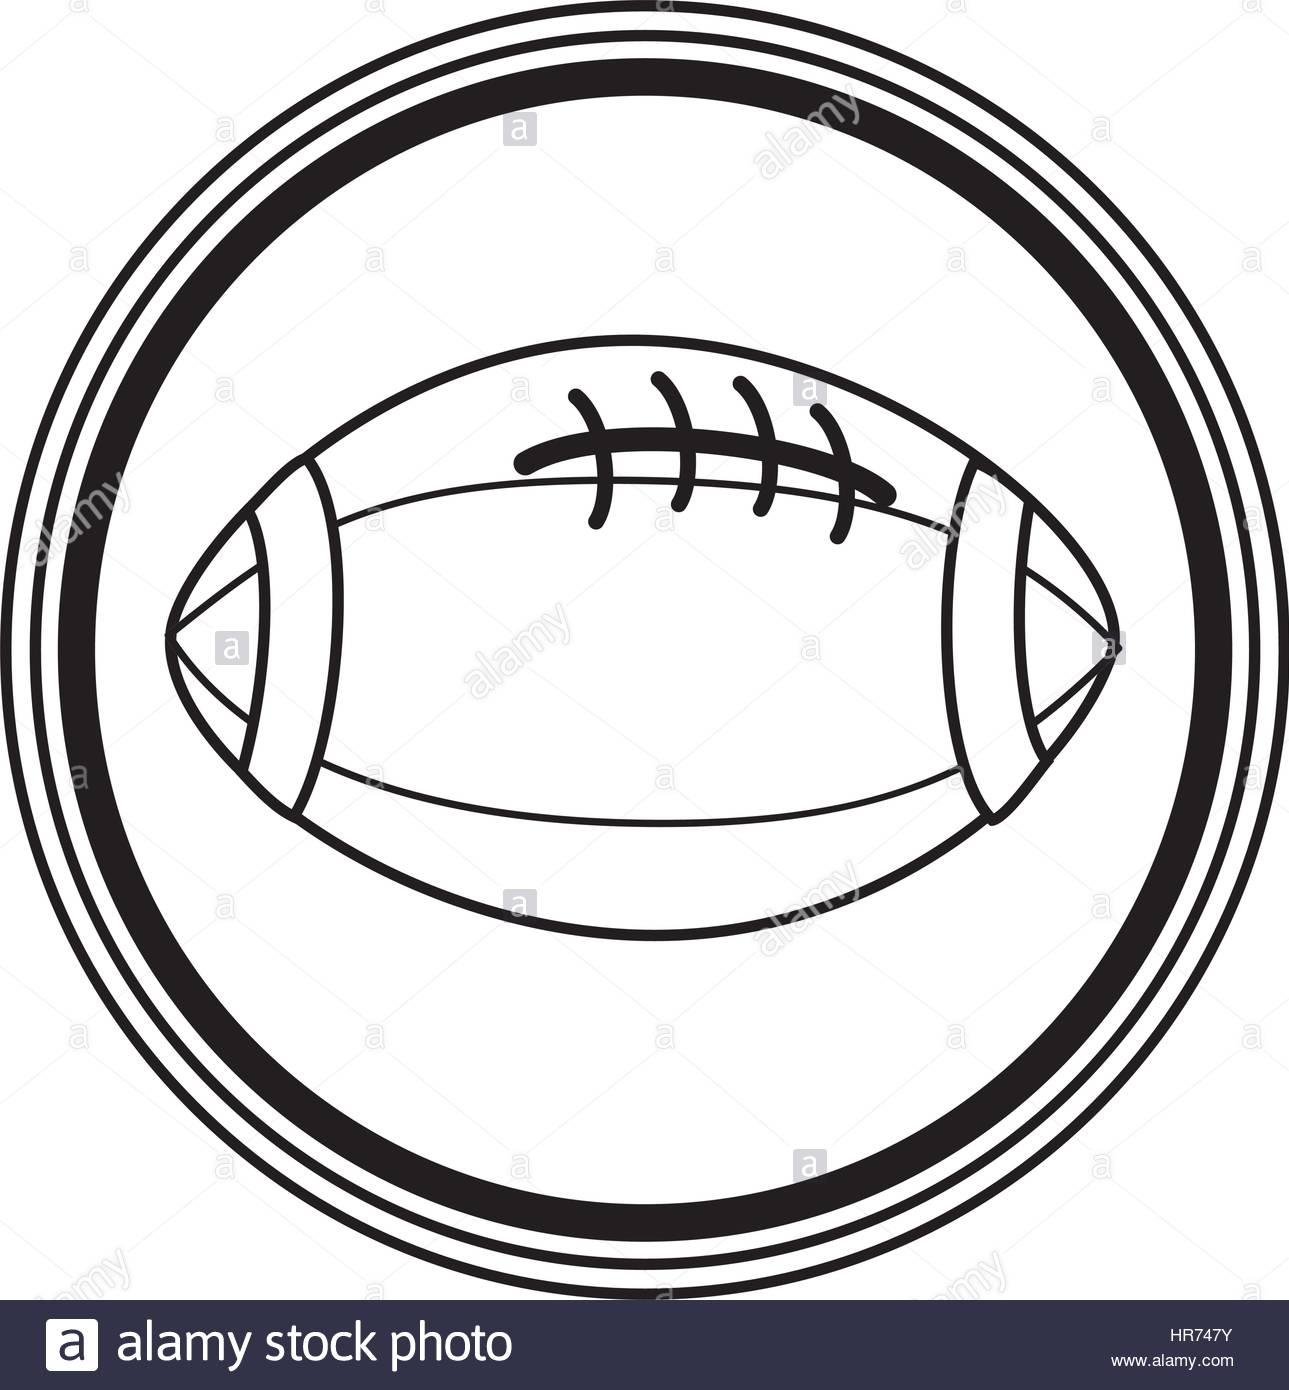 1289x1390 Silhouette Circular Border With Football Ball Icon Stock Vector